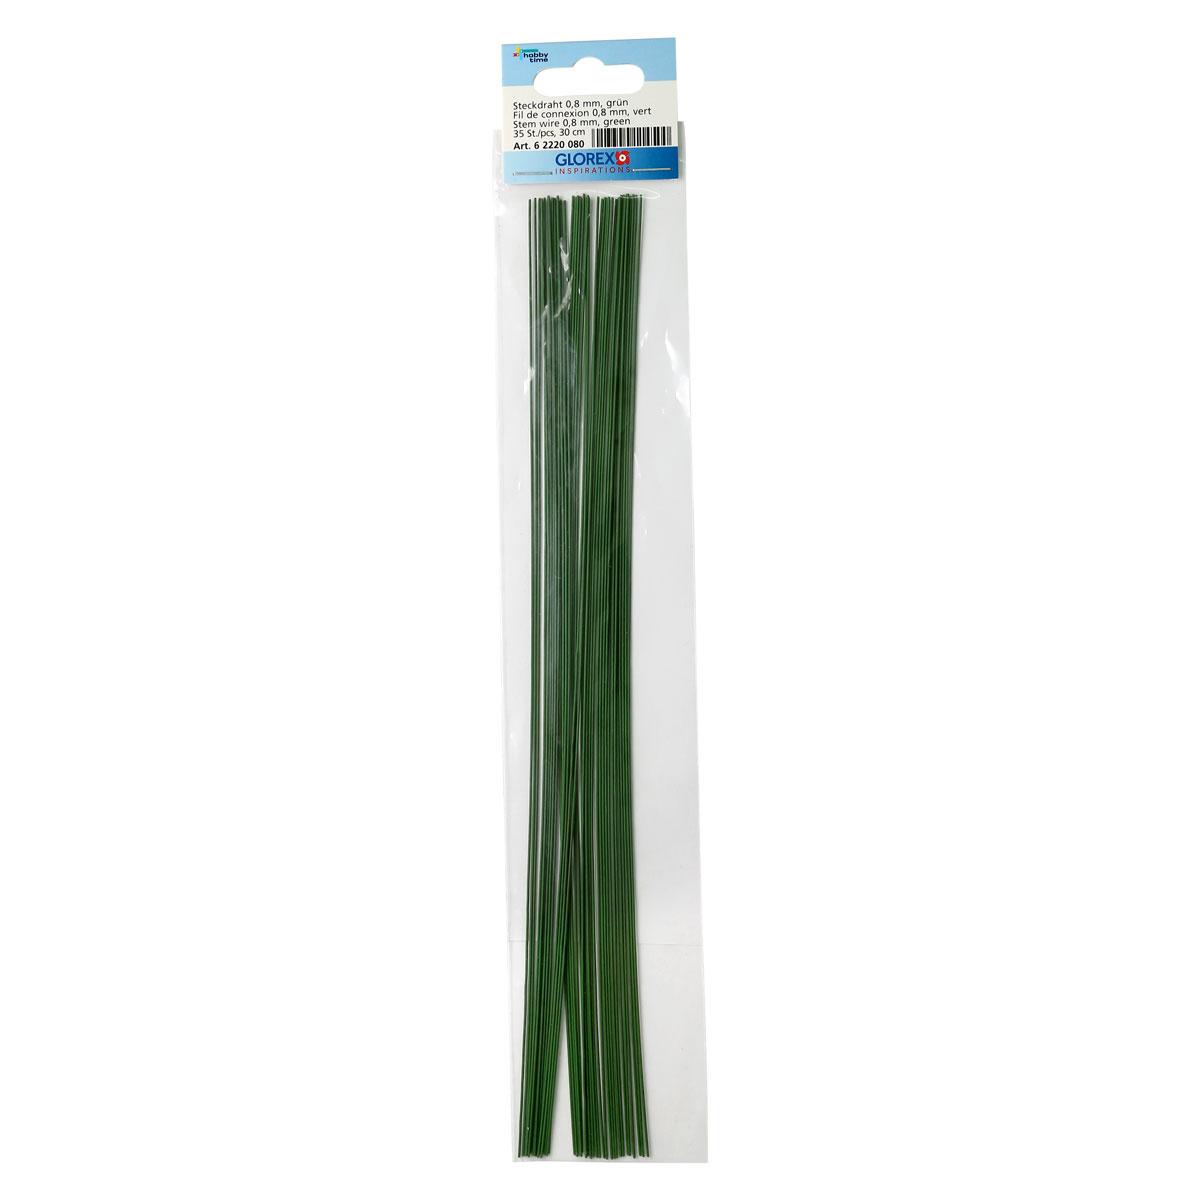 62220080 Проволока, зеленый цв. 0,80мм, 30см, 35шт Glorex